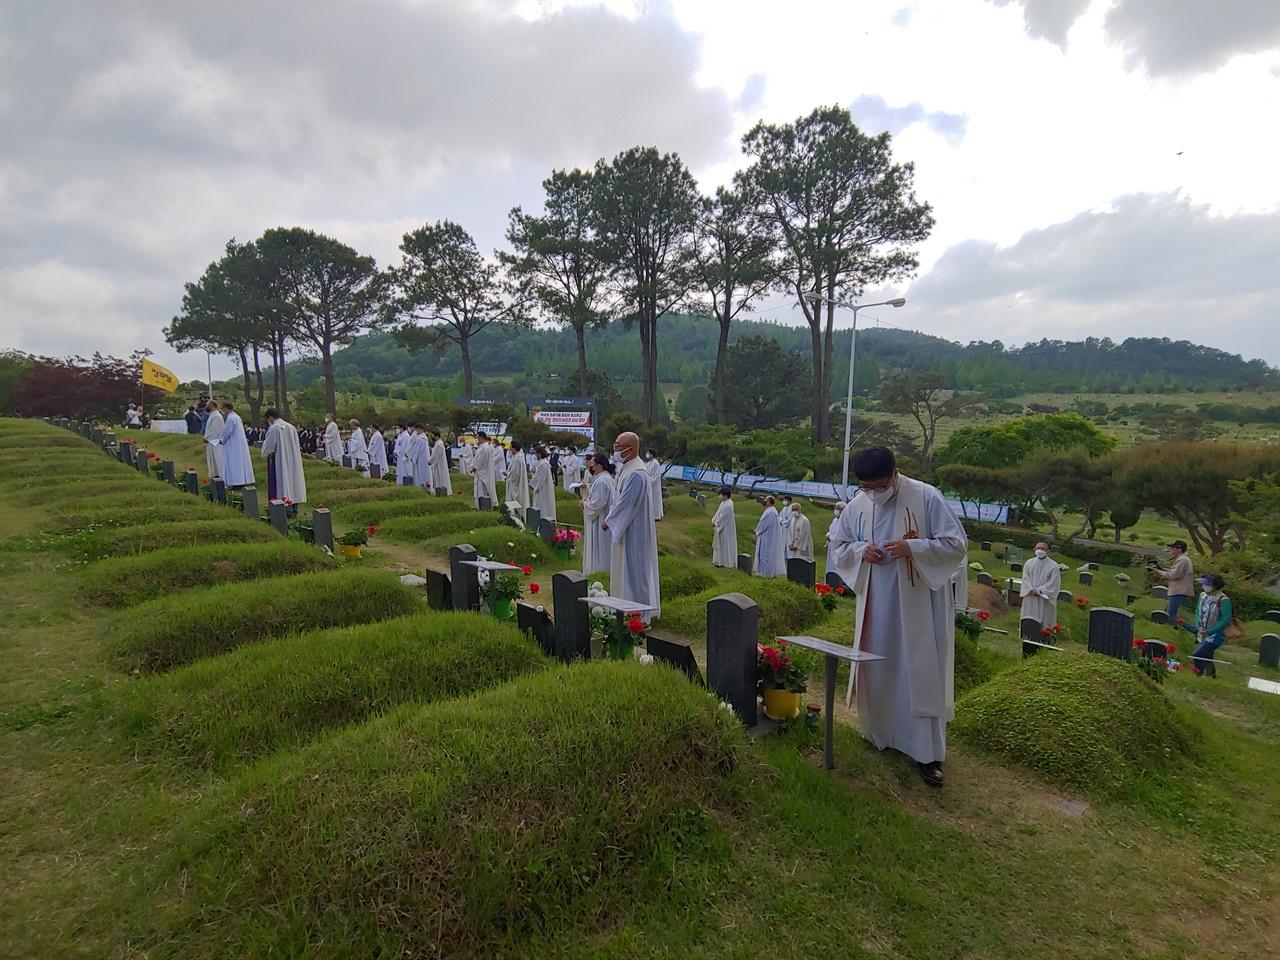 모역을 참배하는 사제단 5.18 광주민주화운동 40주년 기념미사 후 구묘역을 참배하는 사제단